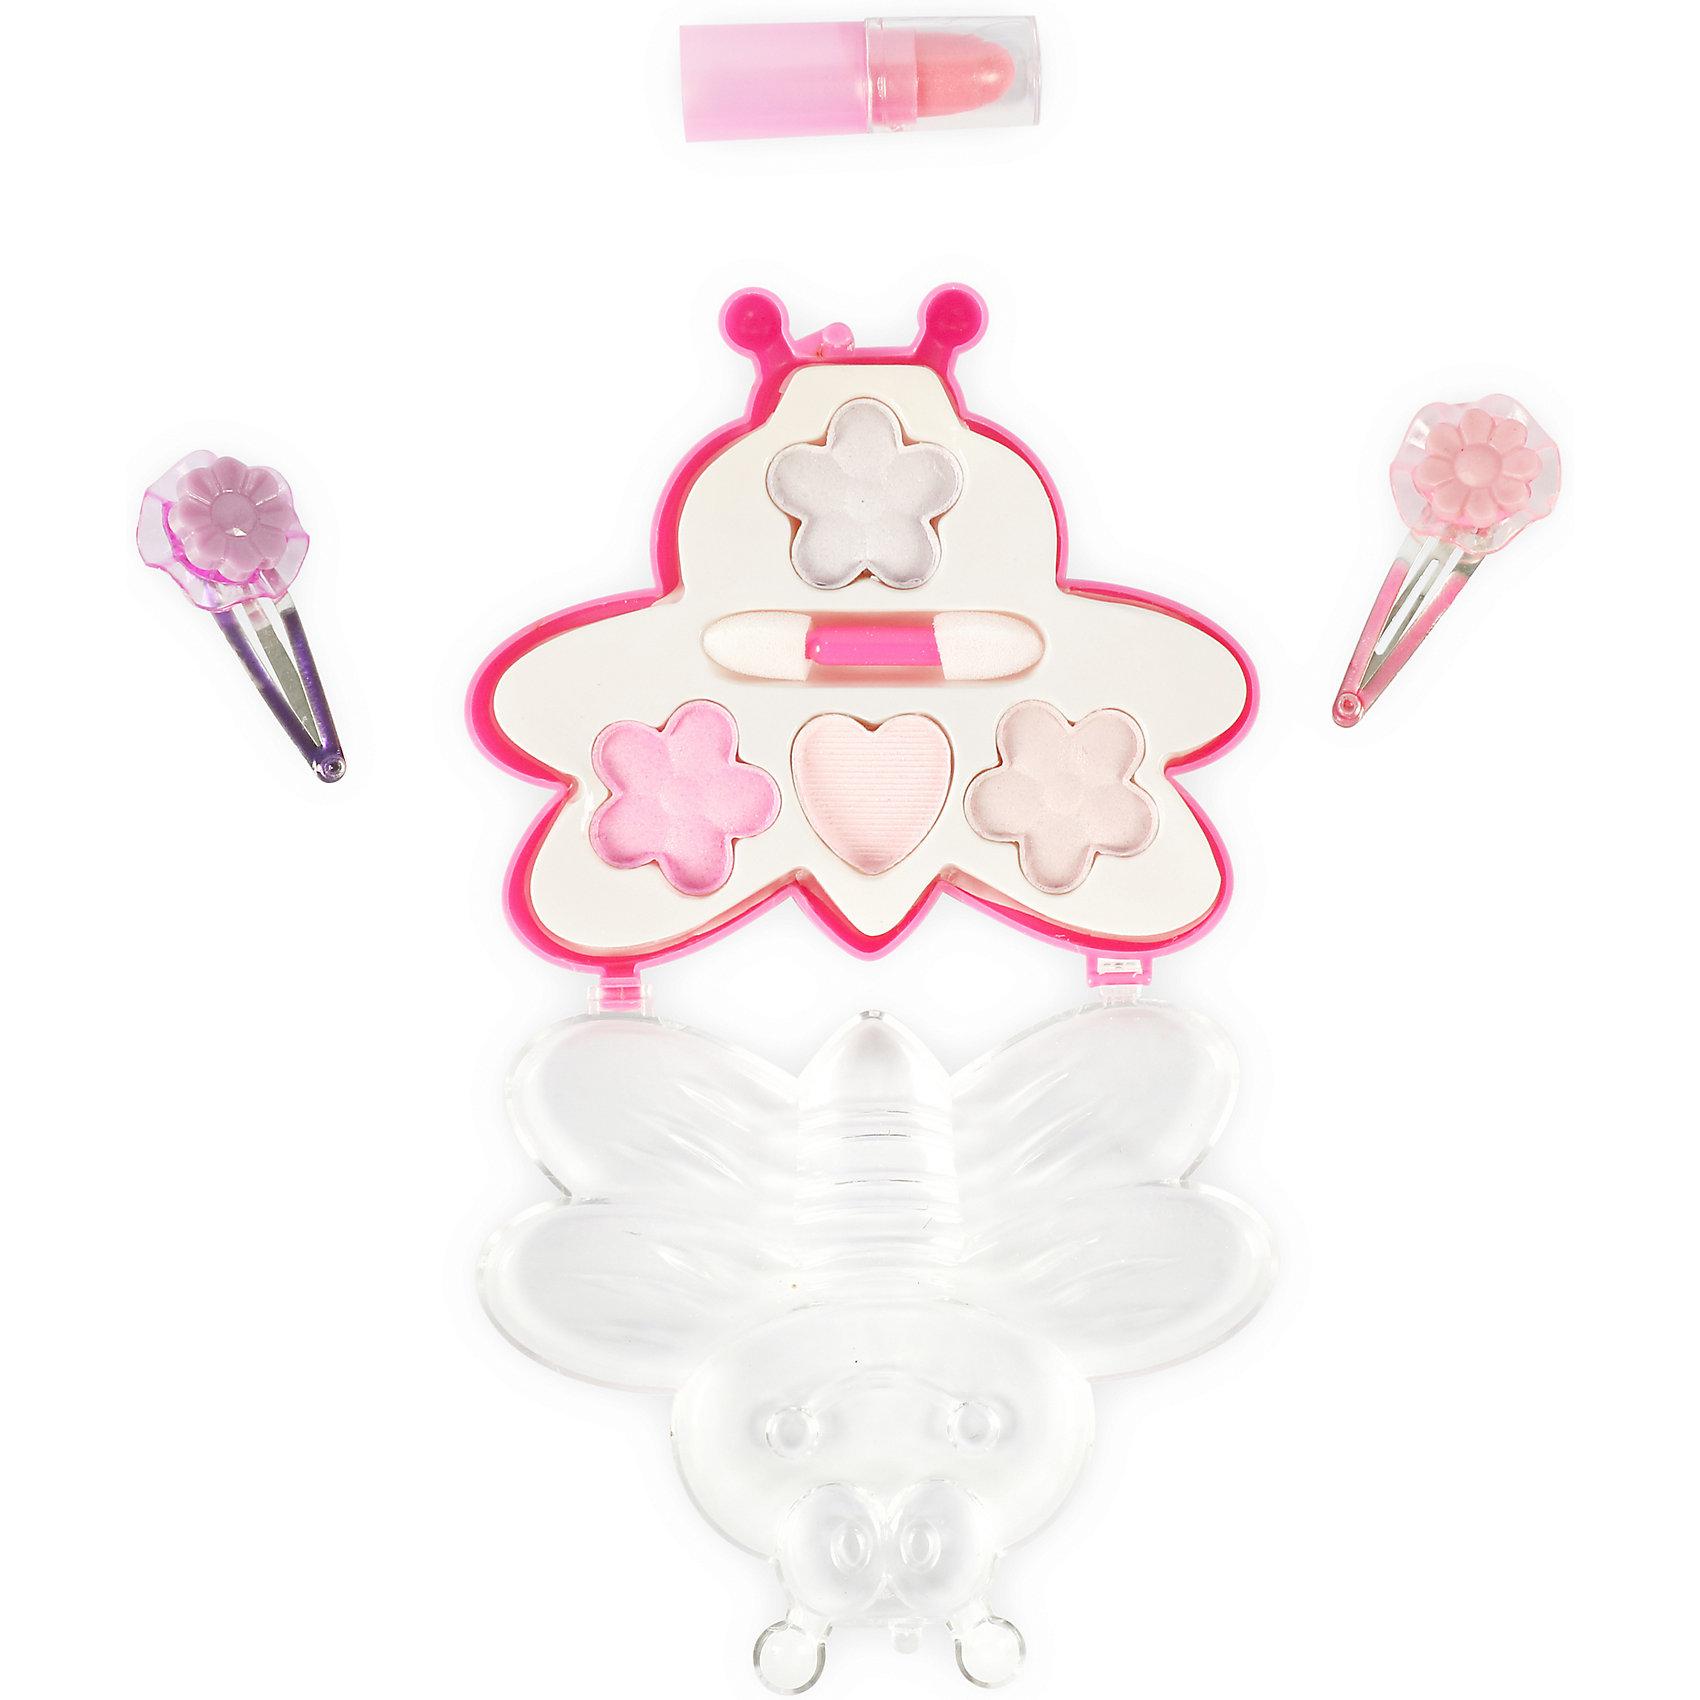 Игровой мини-набор Пчелка, Beauty AngelКосметика, грим и парфюмерия<br>Характеристики:<br><br>• Вид игрушек: детская косметика<br>• Пол: для девочки<br>• Материал: пластик, натуральные компоненты и красители<br>• Цвет: розовый, красный, сиреневый<br>• Комплектация: <br> тени для век – 4 тона<br> губная помада – 1 тон<br> заколка для волос – 2 шт.<br> кисточка – 1 шт.<br>• Форма футляра: пчелка<br>• Размер упаковки (Д*Ш*В): 14*2,5*19,8 см<br>• Вес: 73 г<br>• Упаковка: картонная коробка с блистером<br><br>Игровой мини-набор Пчелка, Beauty Angel от всемирно известного торгового бренда Dileny, который занимается разработкой, дизайном и выпуском детской декоративной косметики с учетом модных и стильных тенденций мира моды. Линейка наборов Beauty Angel представляет собой косметические наборы в состав которых входят как матовые, так и перламутровые оттенки, аксессуары и инструменты для нанесения макияжа. <br><br>Декоративная косметика от Dileny легко наносится, ложится ровным слоем, не осыпается и легко смывается либо теплой водой, либо детским косметическим маслом. Косметика обладает повышенными гипоаллергенными свойствами и легким ароматом. Игровой мини-набор Пчелка, Beauty Angel состоит из теней для век, губной помады и кисточки. В комплект также входят заколки для волос. Футляр выполнен в форме пчелки.<br><br>Игровой мини-набор Пчелка, Beauty Angel станет идеальным подарком для девочки к любому празднику.<br><br>Игровой мини-набор Пчелка, Beauty Angel можно купить в нашем интернет-магазине.<br><br>Ширина мм: 140<br>Глубина мм: 25<br>Высота мм: 198<br>Вес г: 73<br>Возраст от месяцев: 60<br>Возраст до месяцев: 120<br>Пол: Женский<br>Возраст: Детский<br>SKU: 5418970